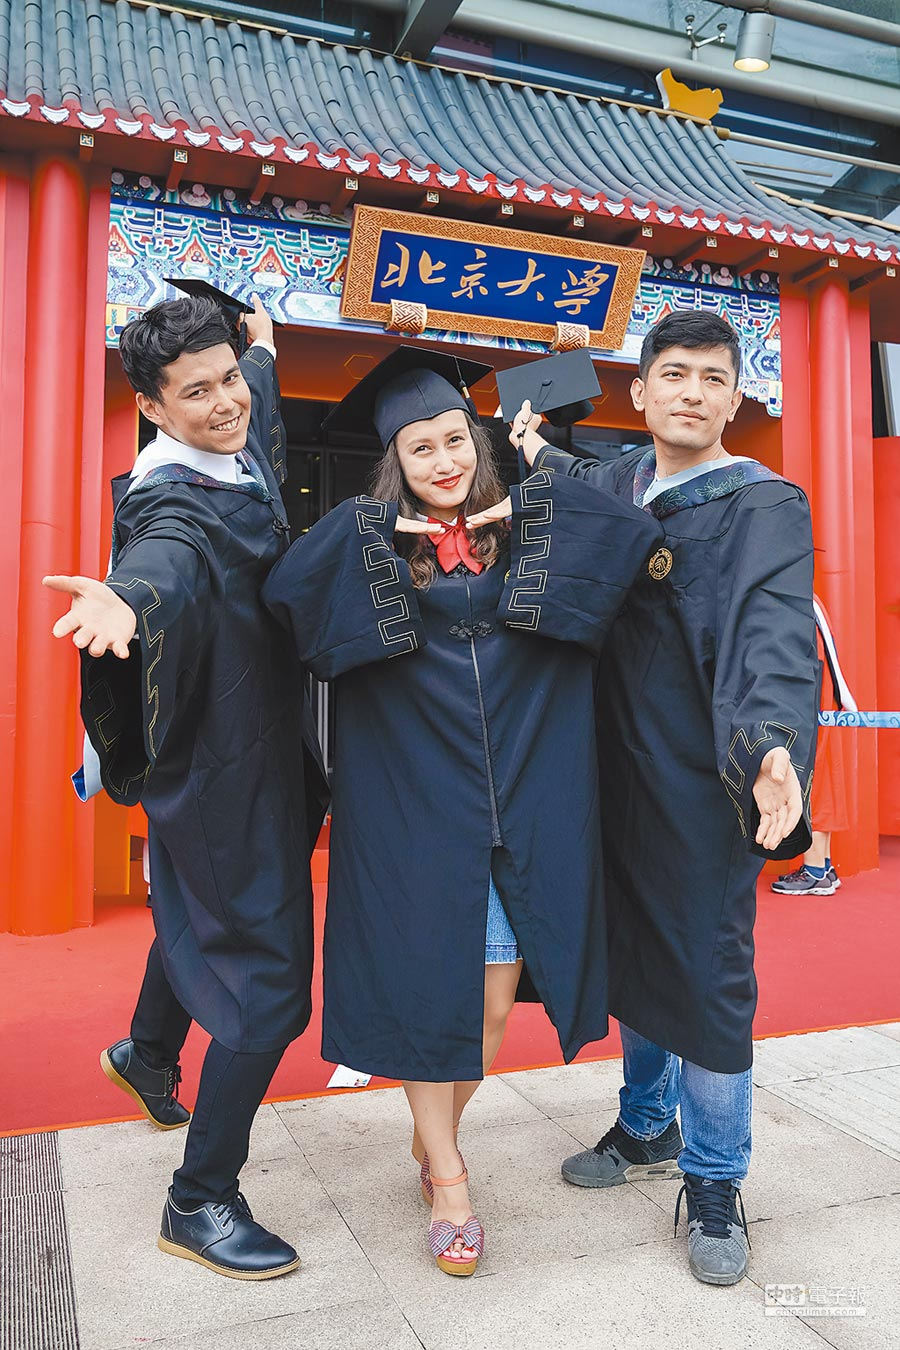 北京大學畢業典禮,畢業生合影留念。(新華社資料照片)